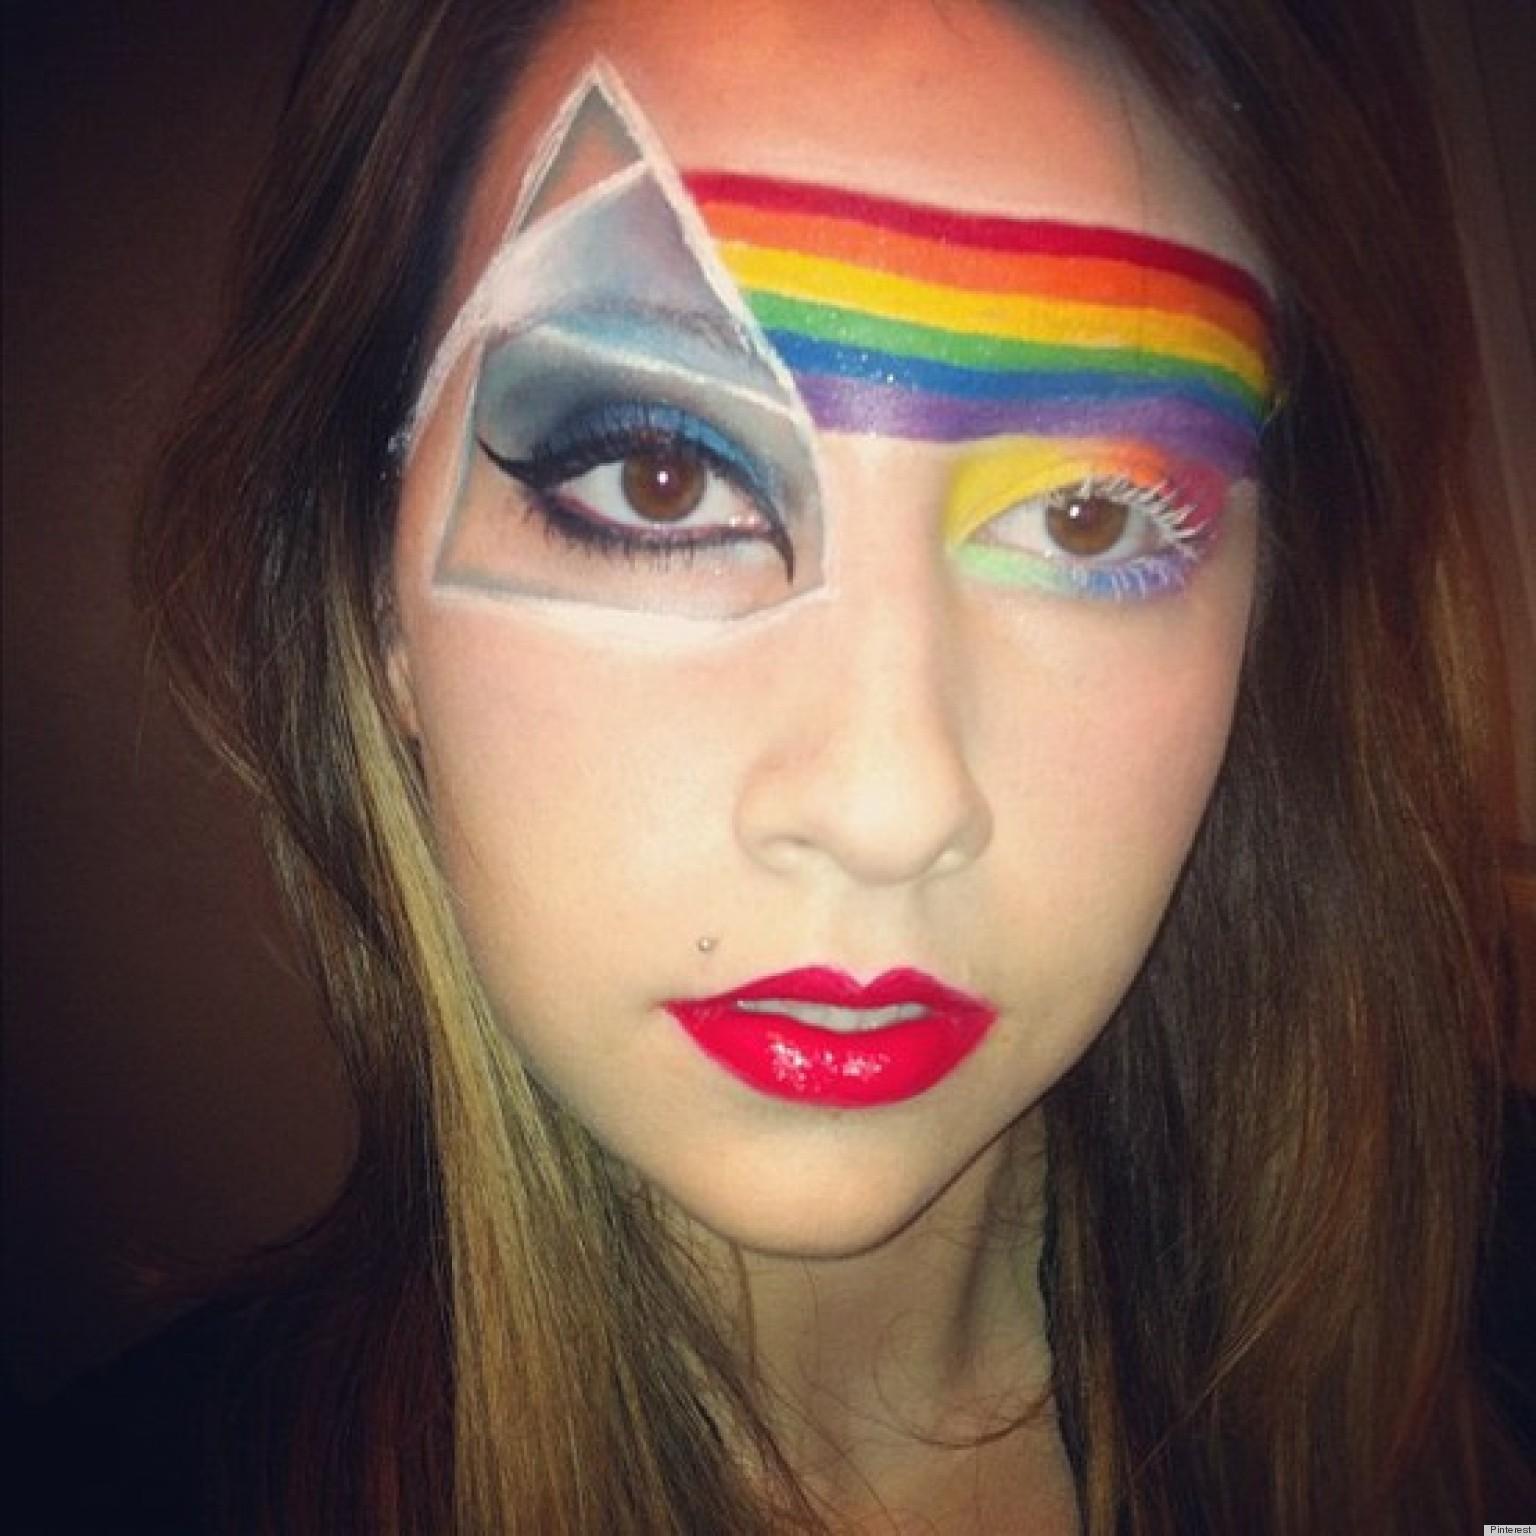 Как сделать радугу для фото на лице